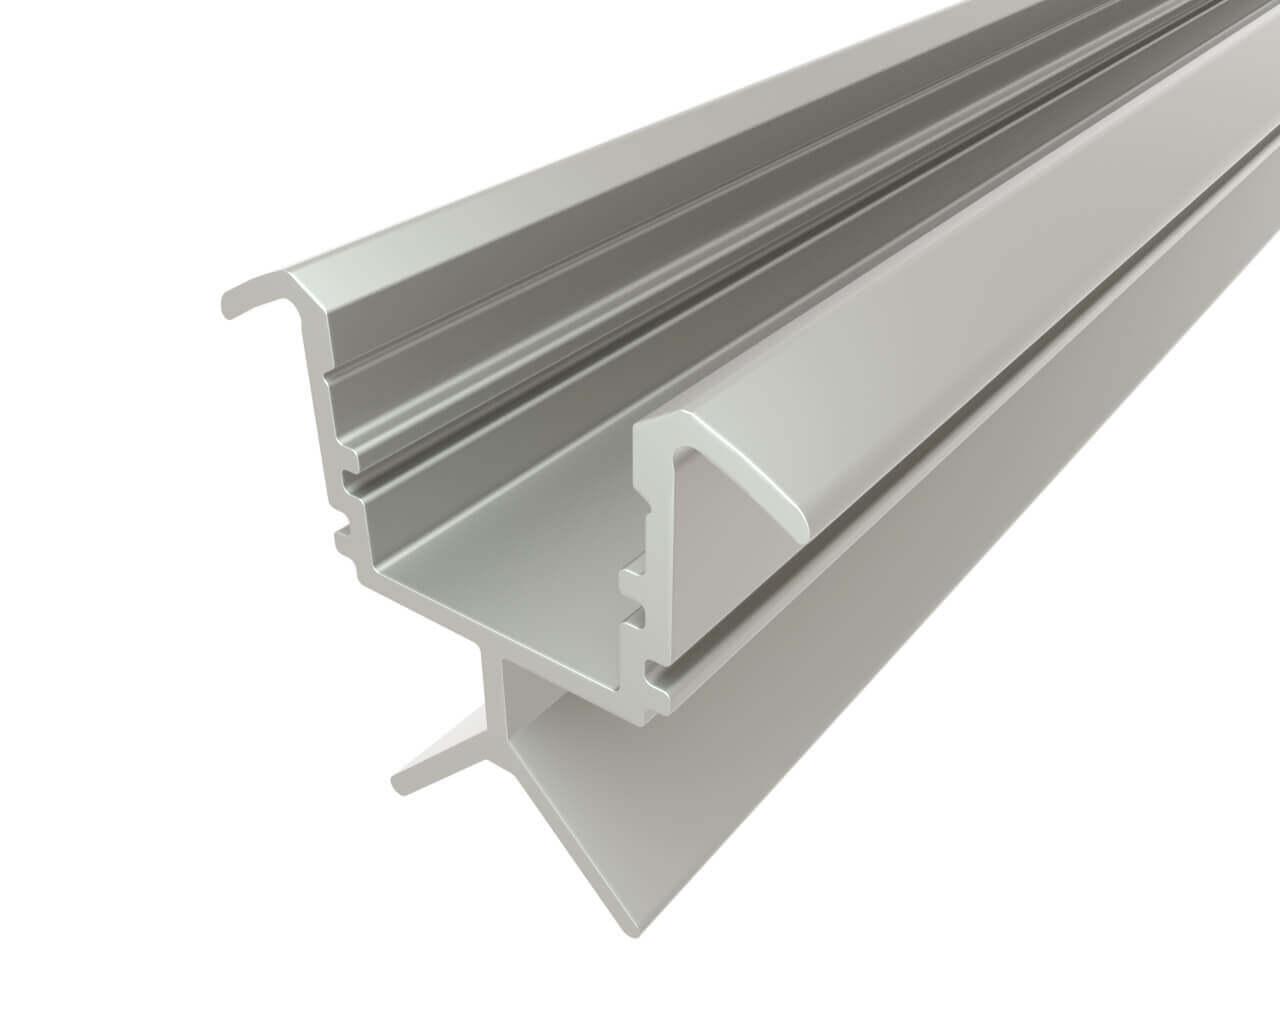 Профиль алюминиевый для перил LC-LPV-2223-2 Anod